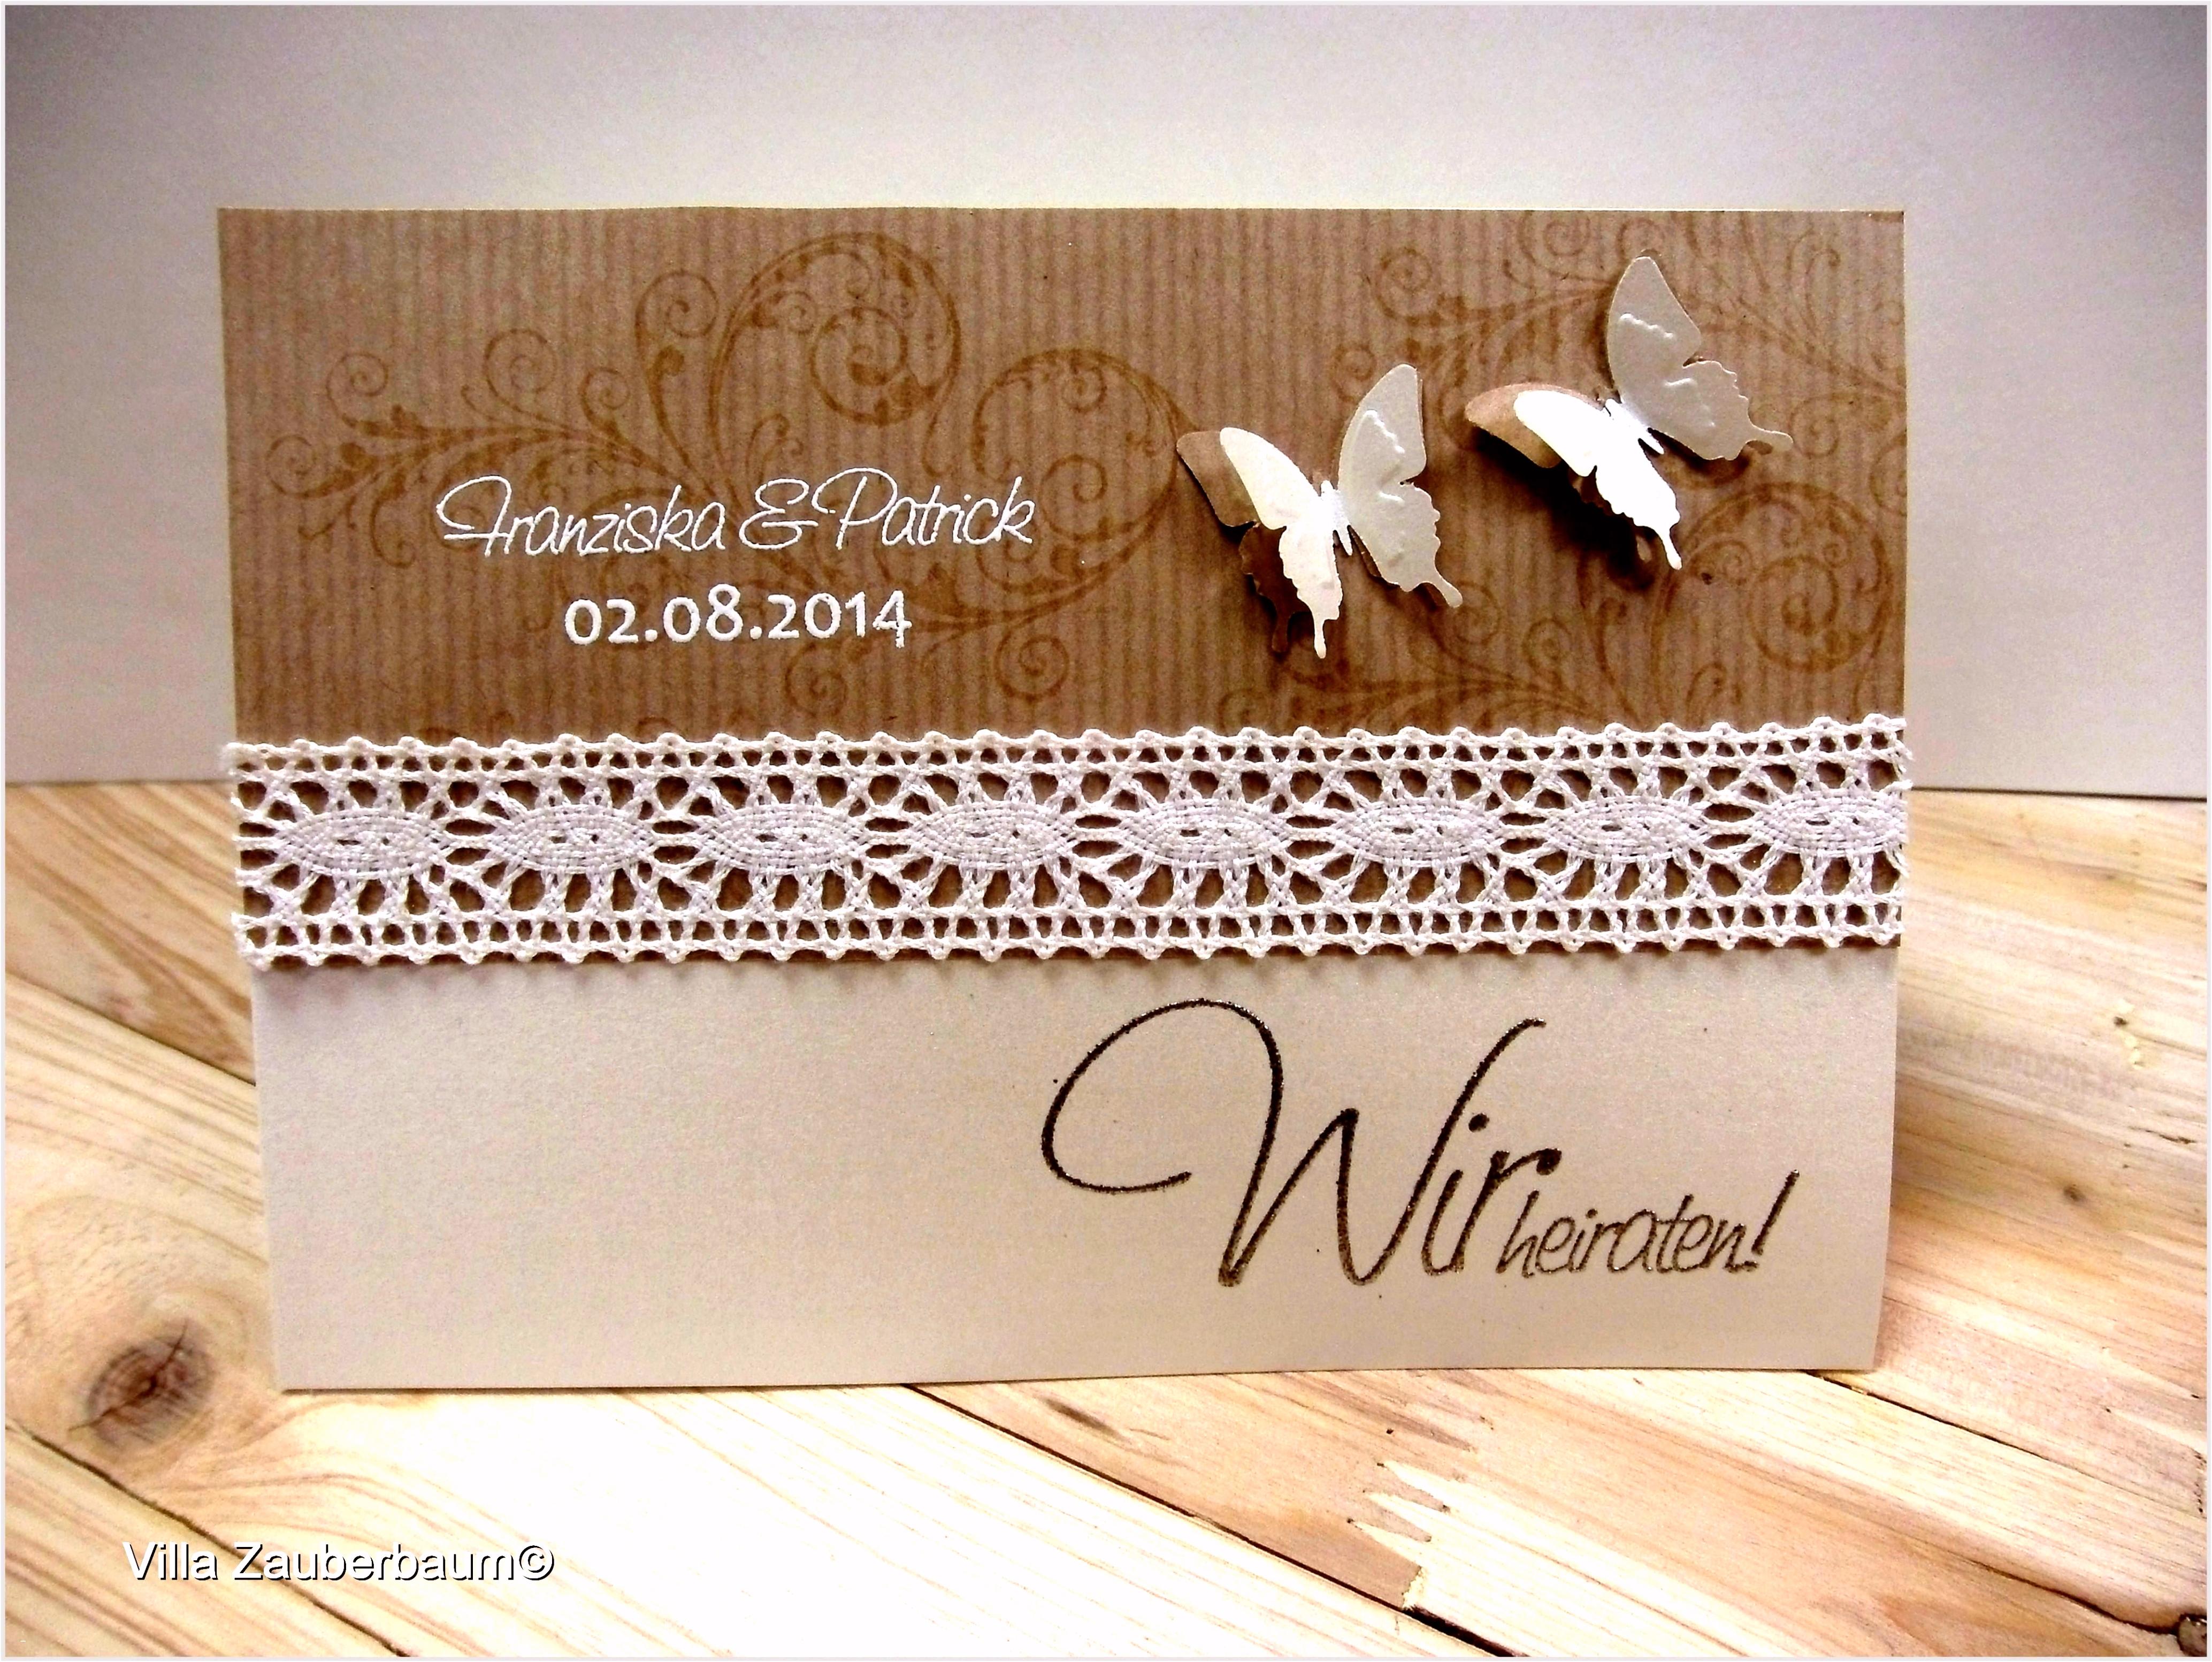 Einladung Zur Silberhochzeit Elegant Frisch Papier Einladung